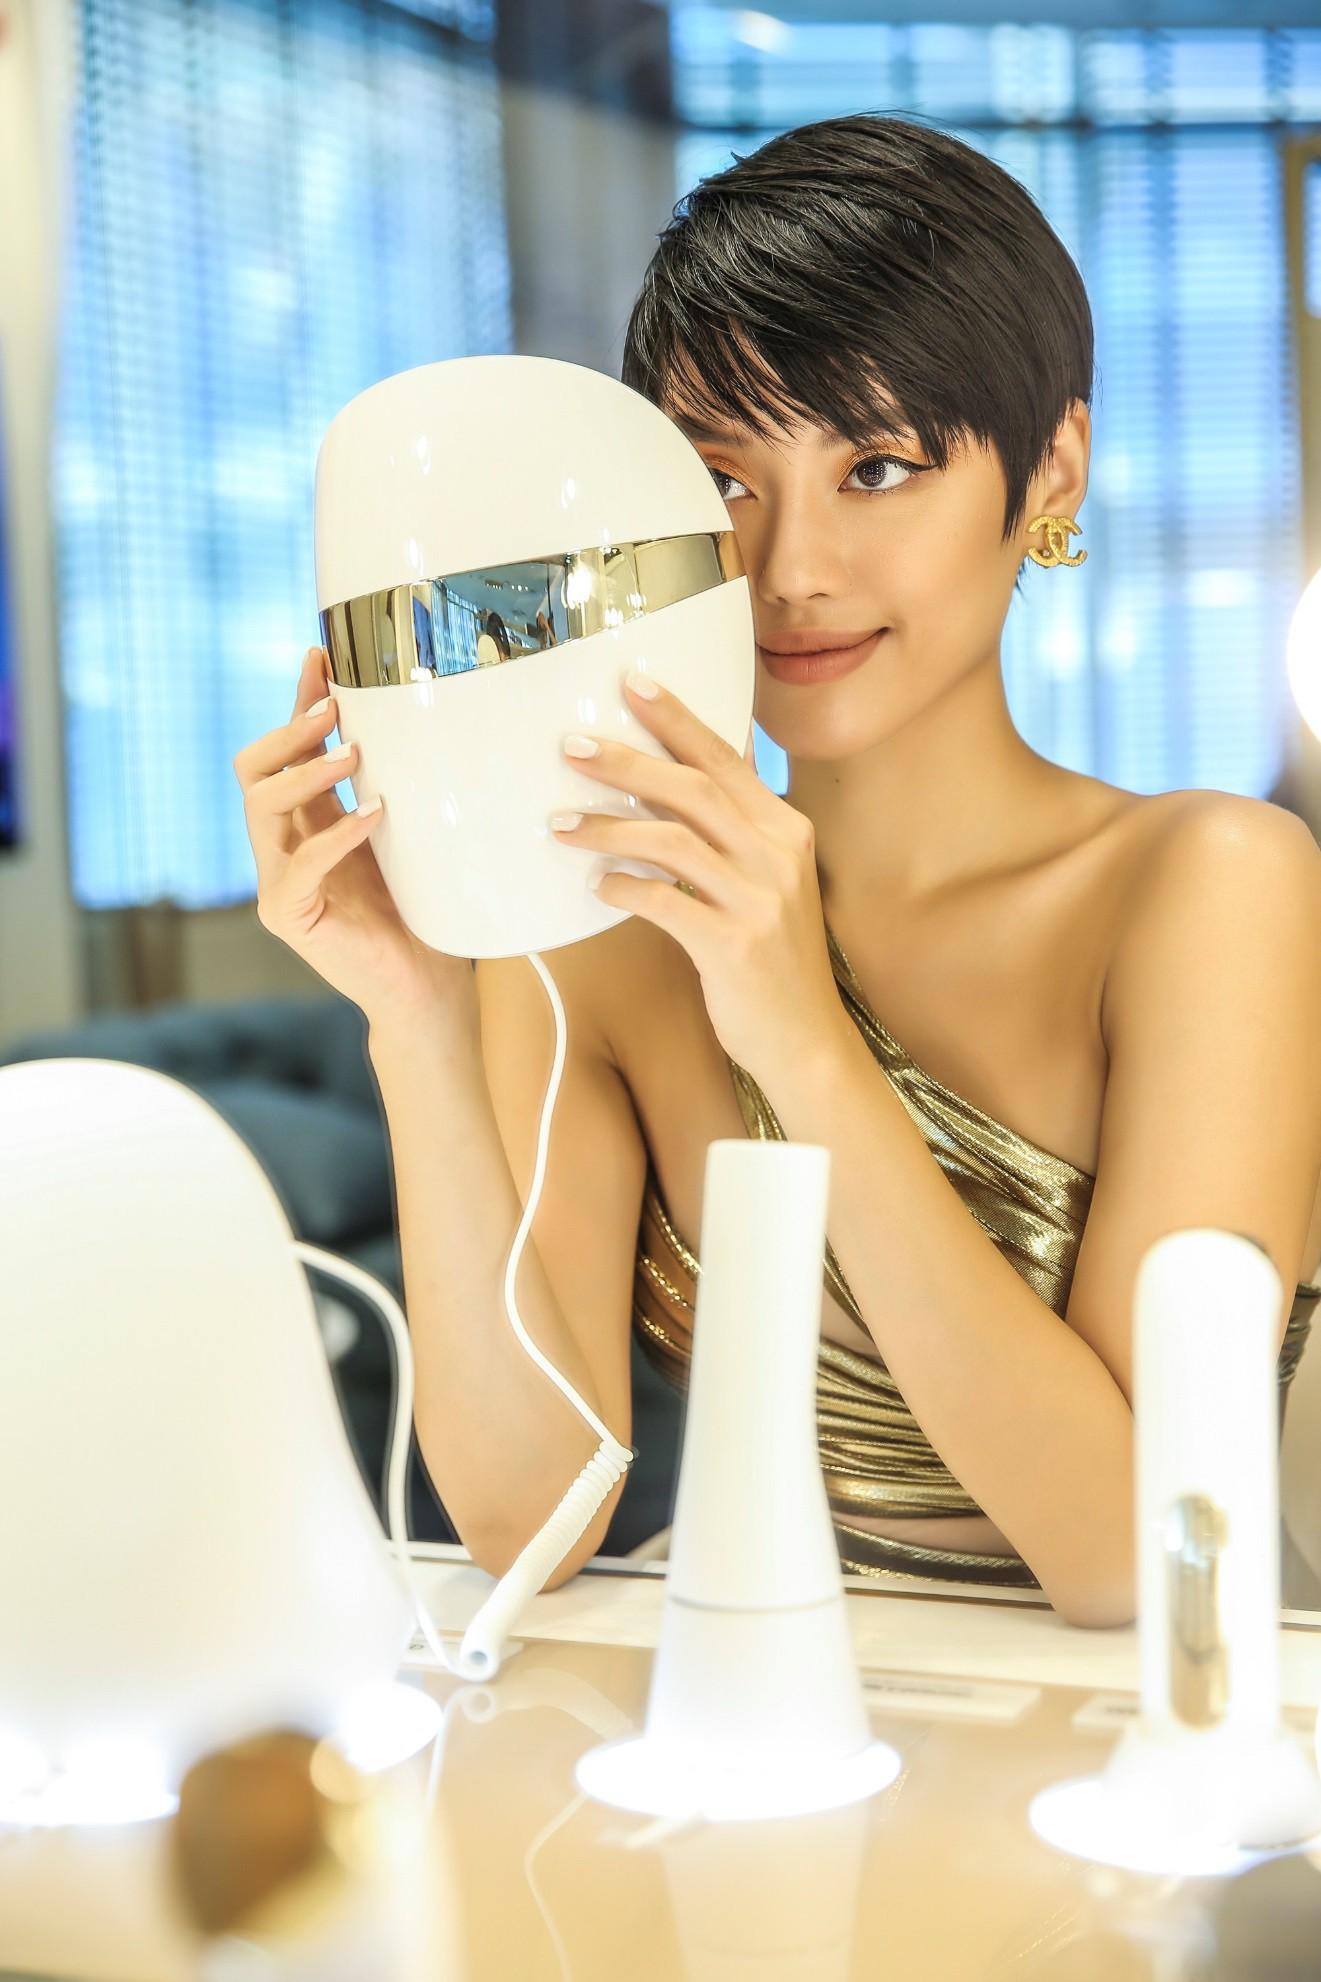 Hariwon, Helly Tống, Sĩ Thanh cùng dàn hoa hậu Việt hào hứng trải nghiệm dòng sản phẩm công nghệ làm đẹp độc đáo - Ảnh 7.